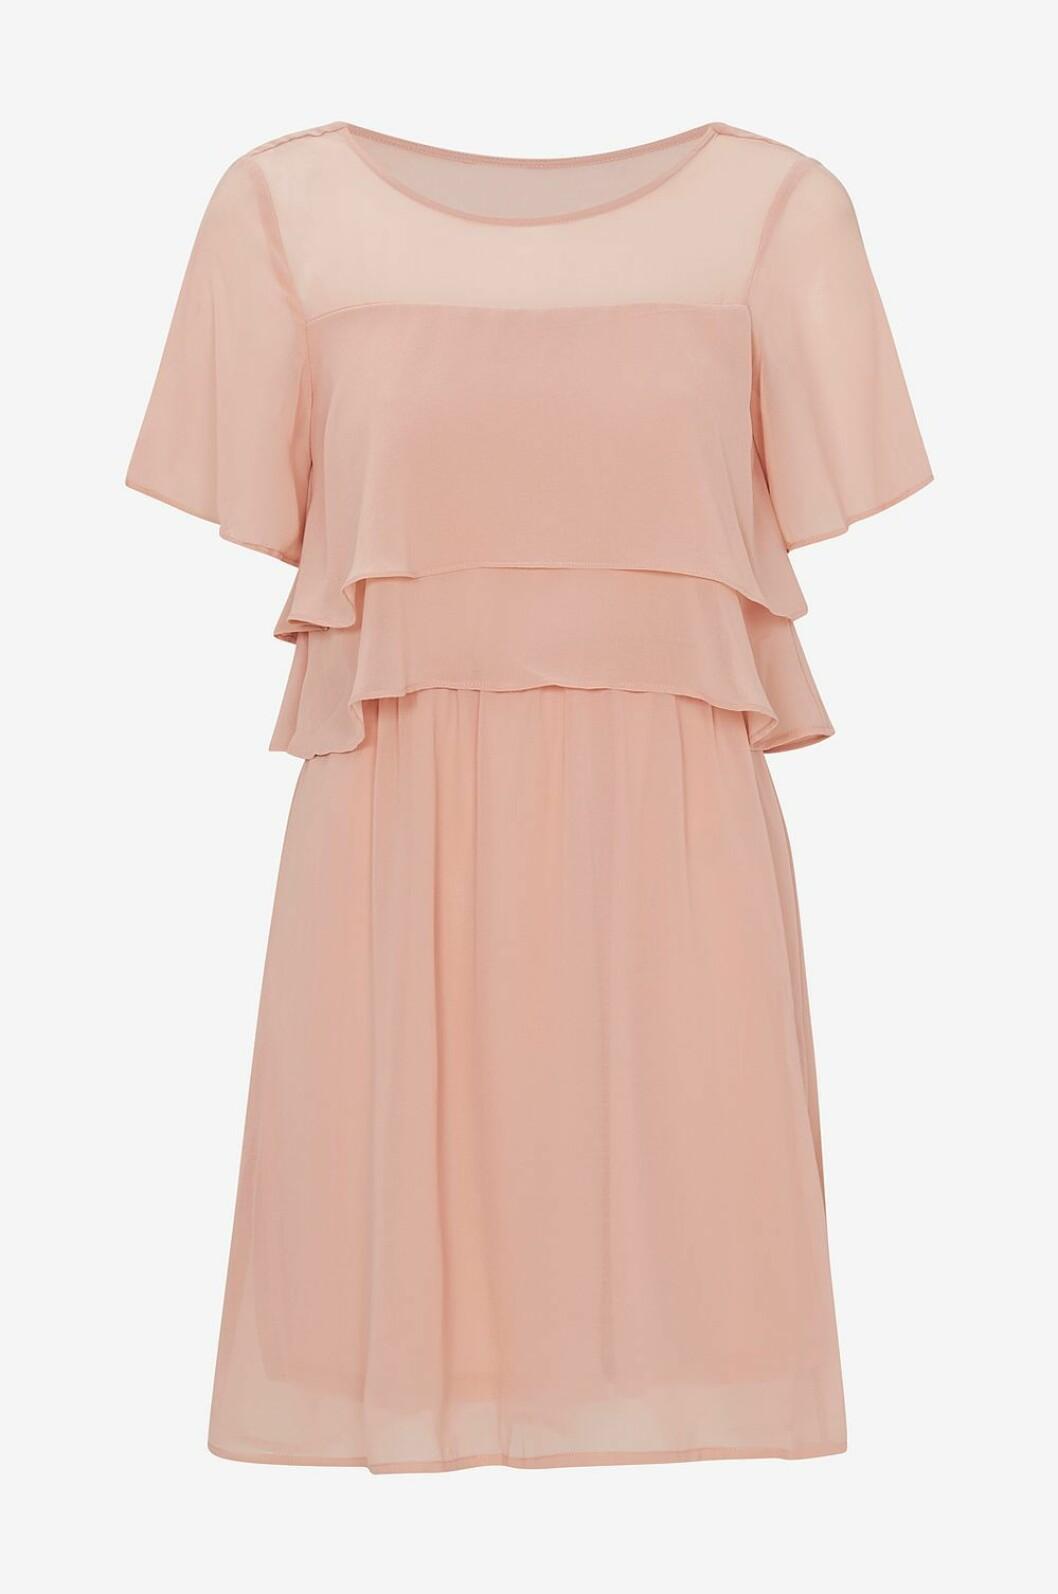 Rosa klänning till skolavslutningen 2019